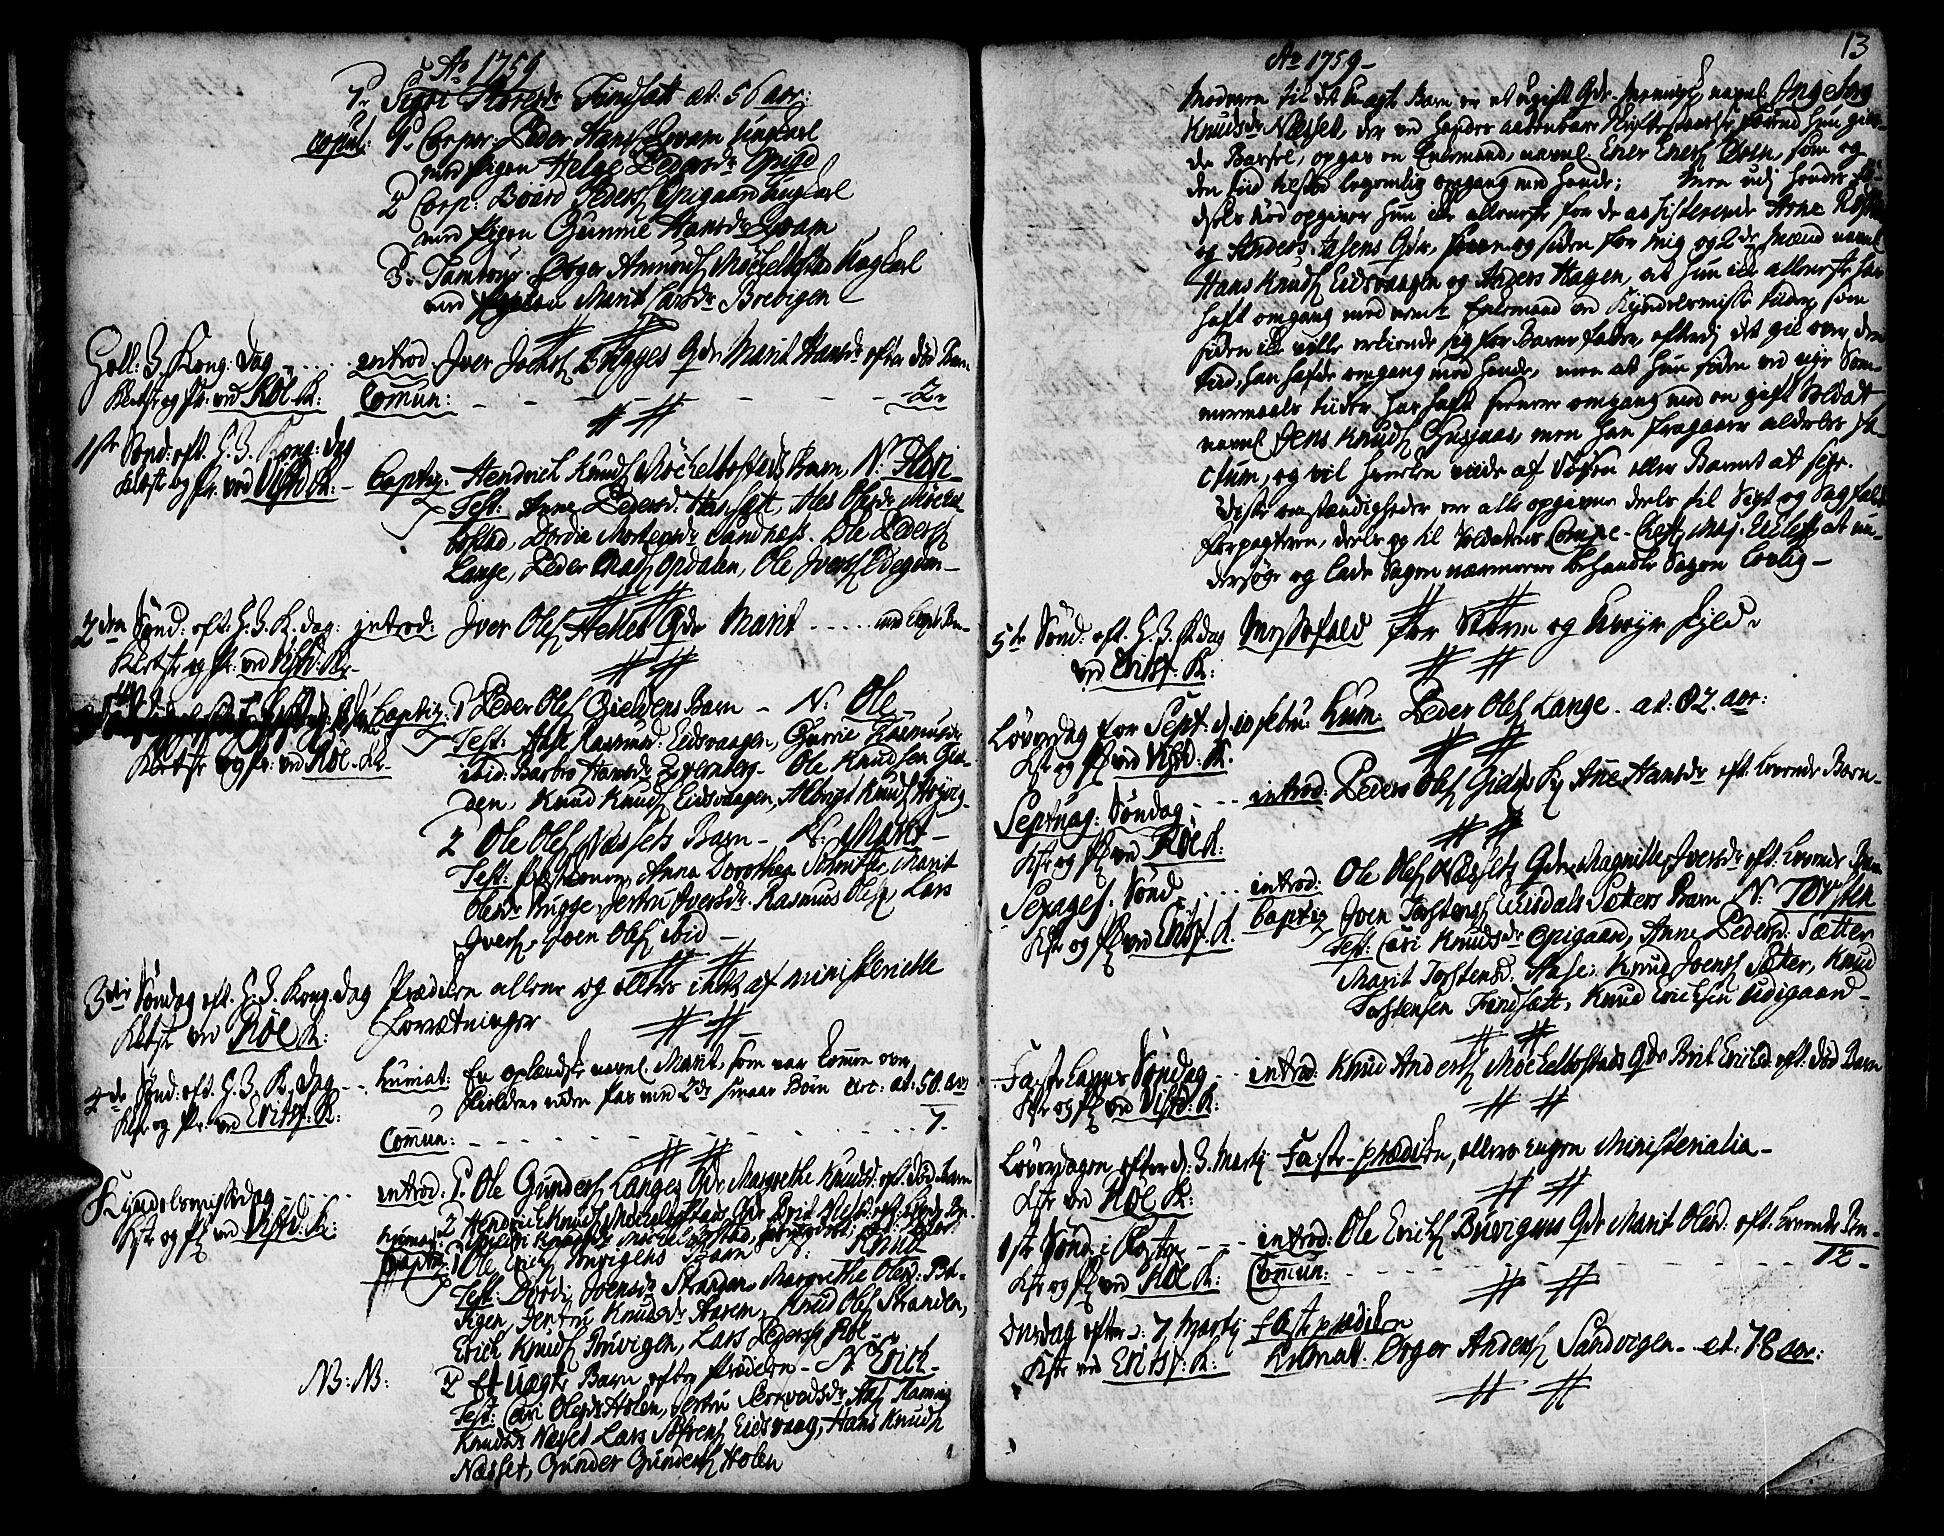 SAT, Ministerialprotokoller, klokkerbøker og fødselsregistre - Møre og Romsdal, 551/L0621: Parish register (official) no. 551A01, 1757-1803, p. 13